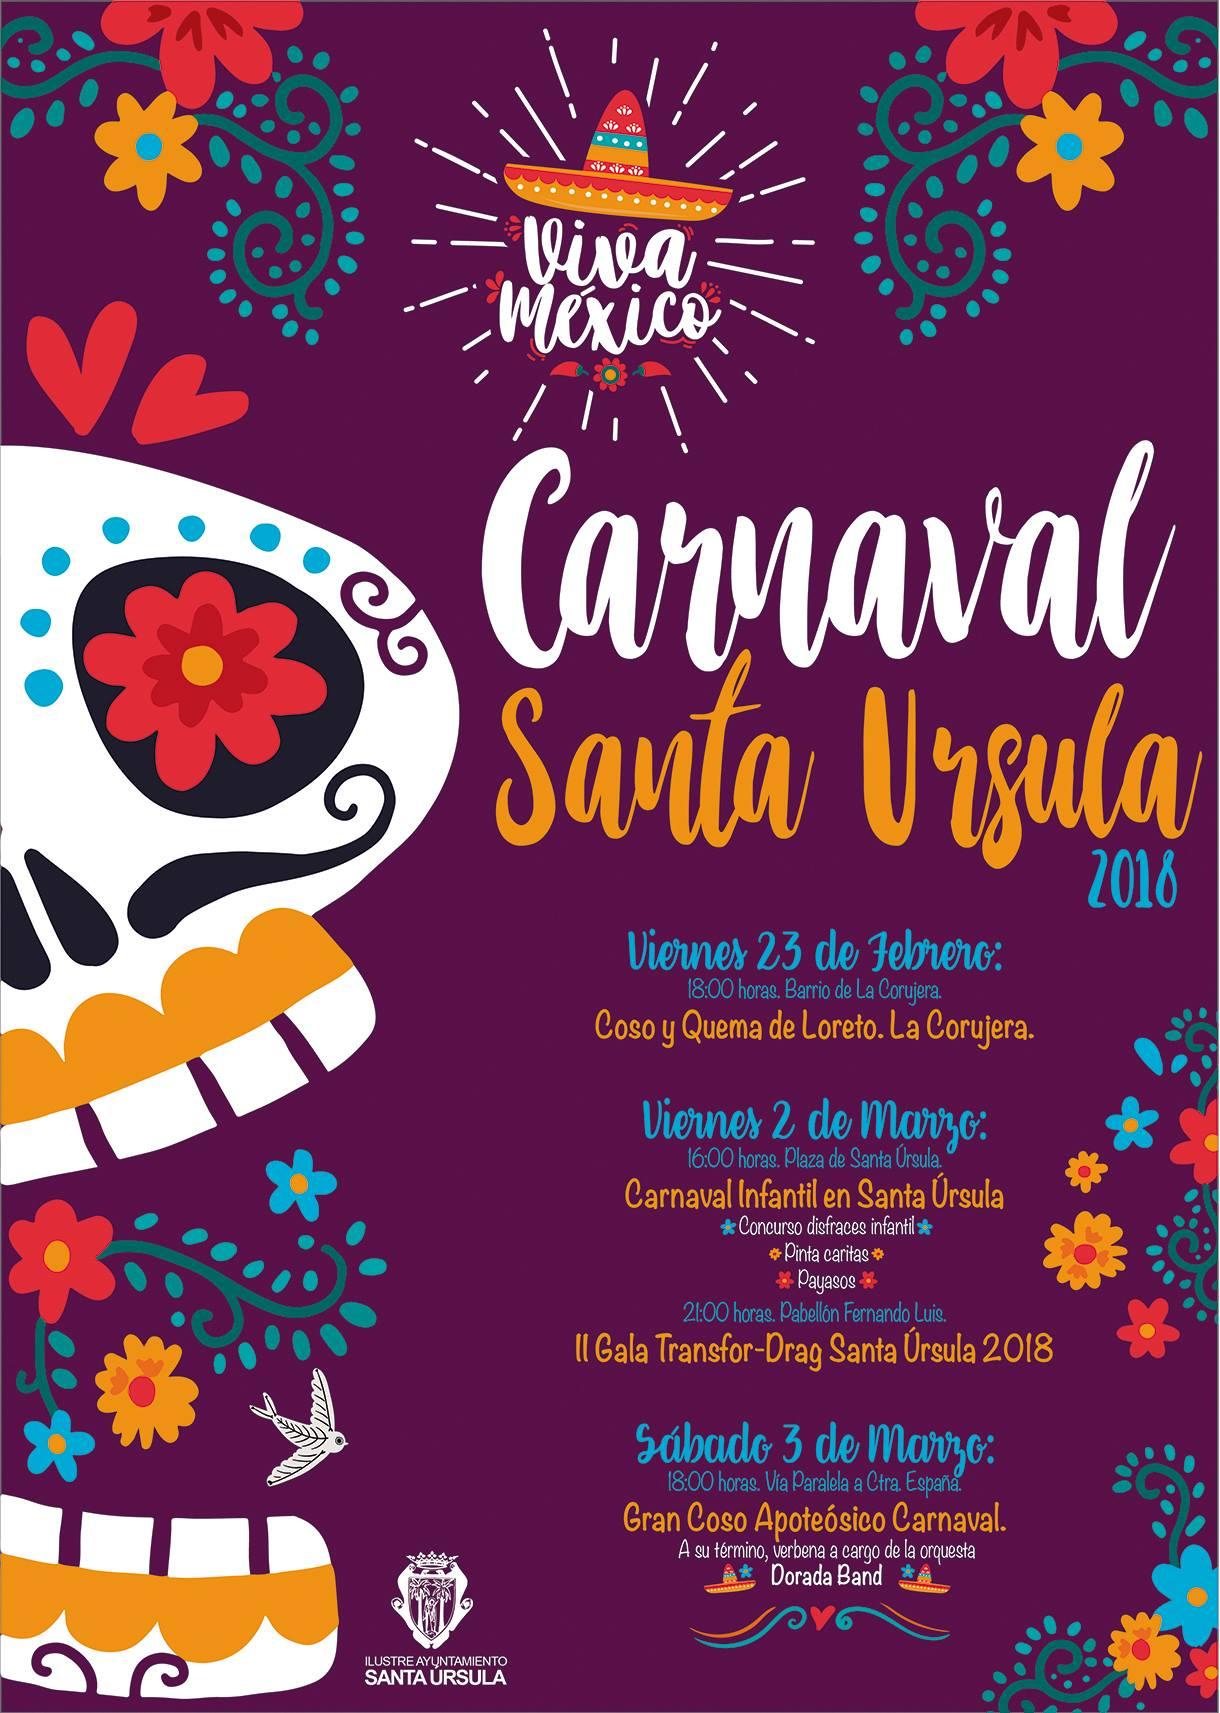 Resultado de imagen de carnaval santa ursula 2018